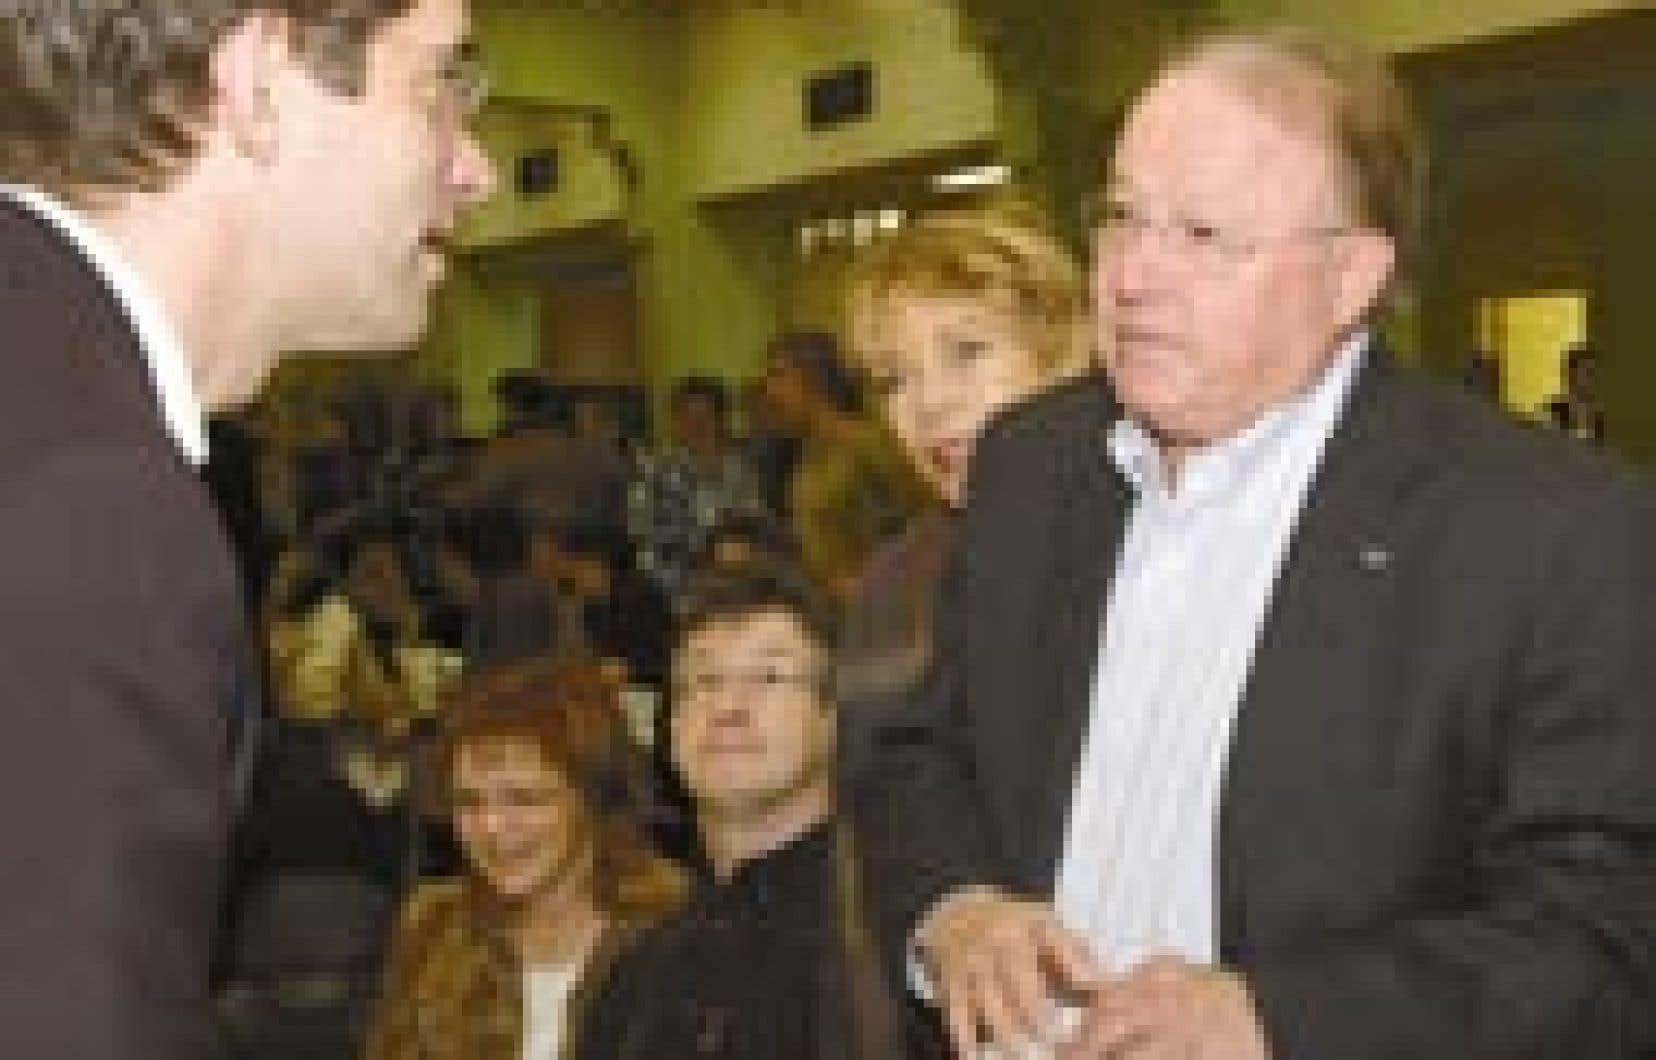 De passage dans la circonscription de Gouin afin de participer à un déjeuner-causerie dans le sous-sol de l'église Saint-Jean-Berchmans hier midi, Bernard Landry a tenu à féliciter André Boisclair pour ses ambitions universitaires, tout en le pri